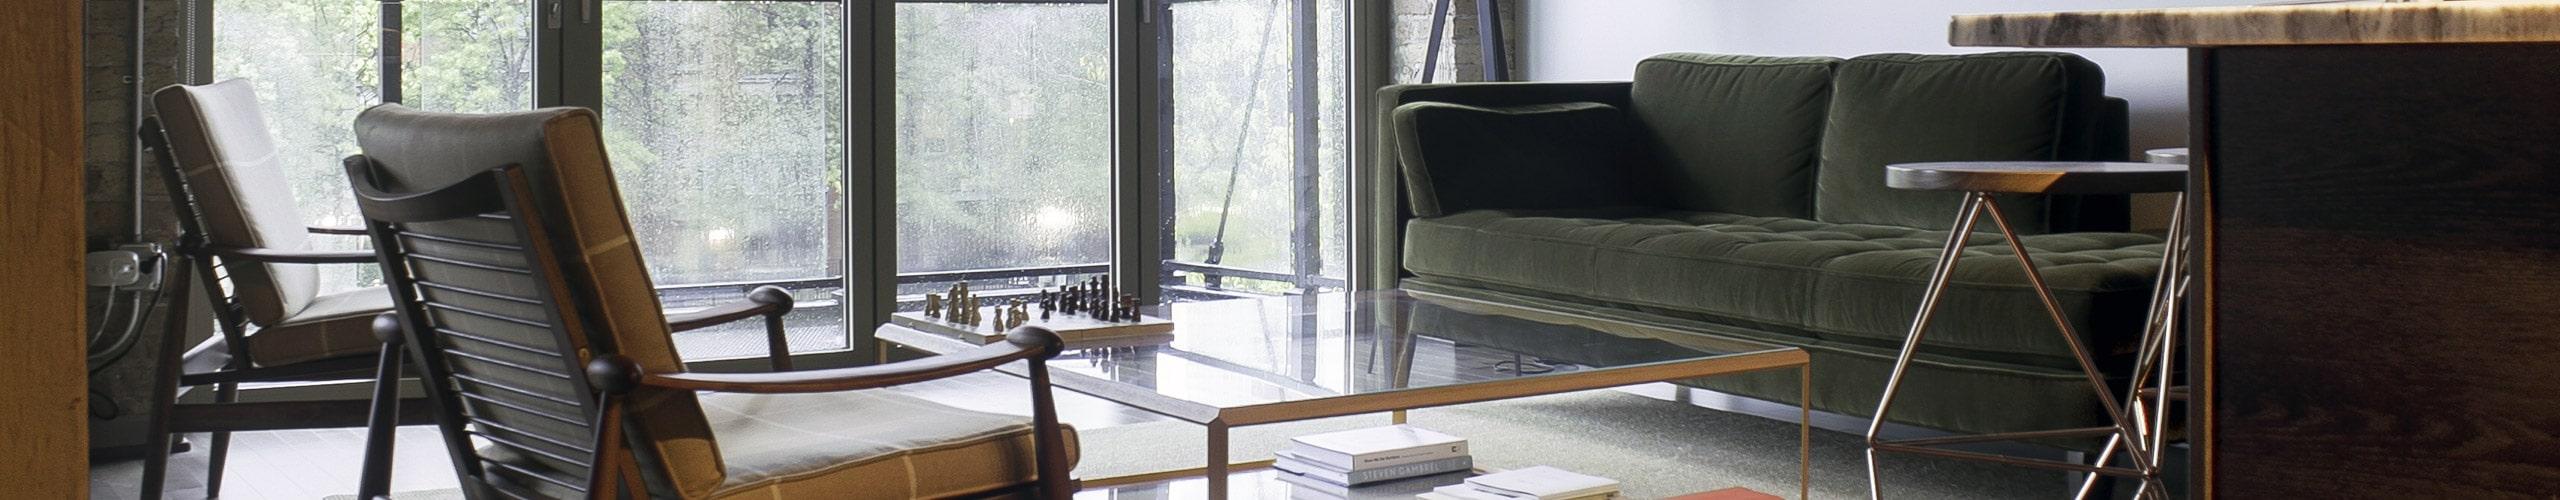 sedie-poltrone-vitra-molteni-interior-design-progettazione-interni-lecce-brindisi-taranto